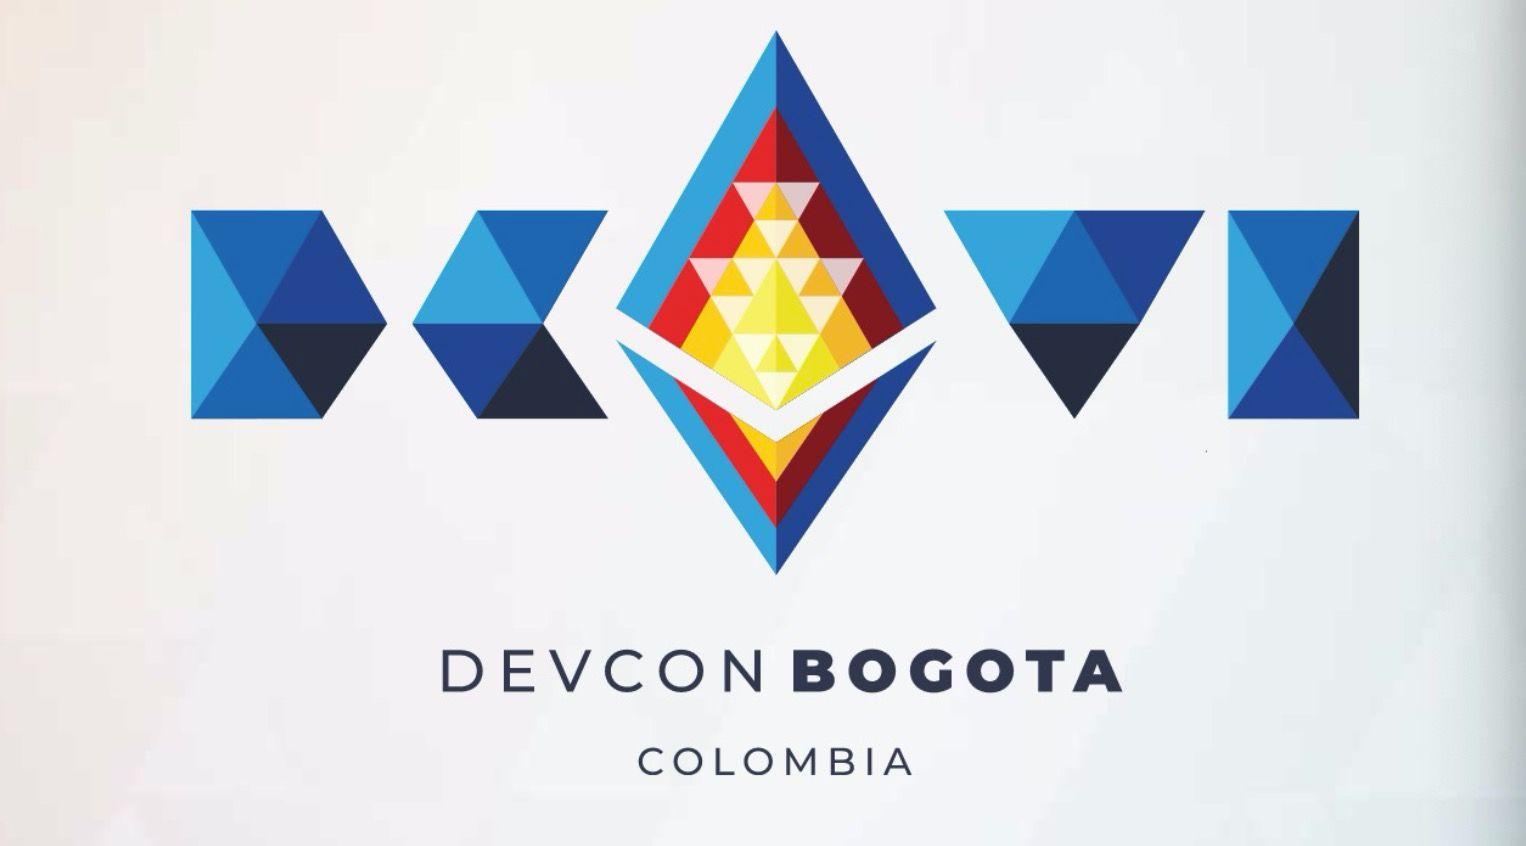 Devcon2021时间定了!将于8月10-13日在哥伦比亚首都波哥大举行!